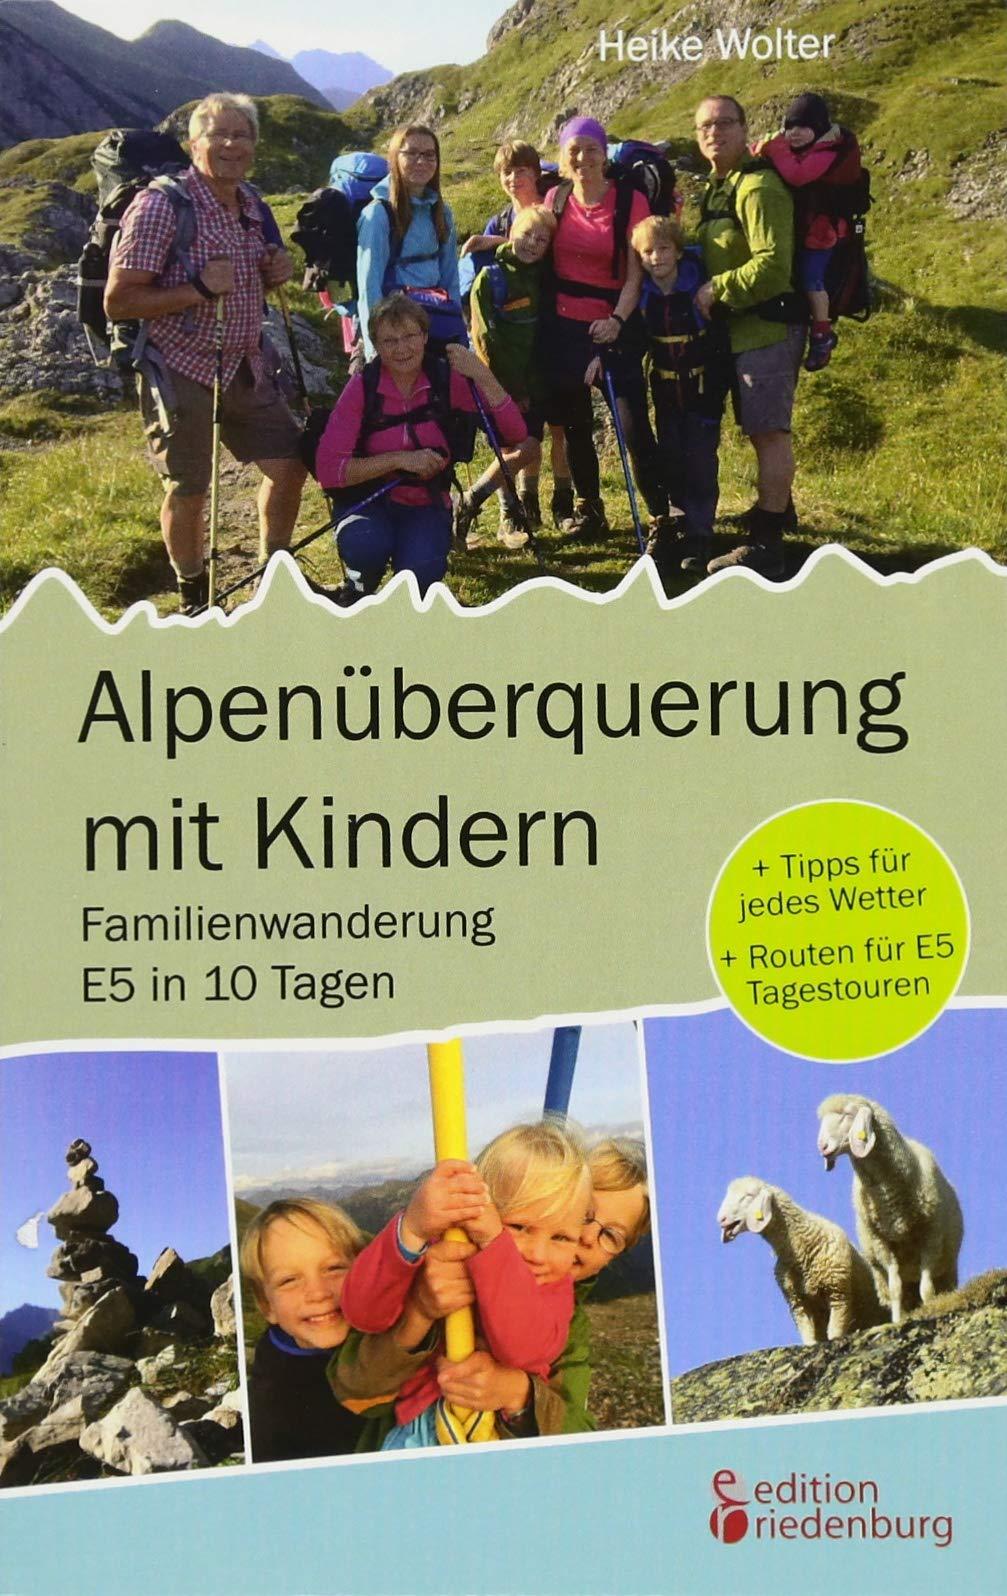 Alpenüberquerung mit Kindern - Familienwanderung E5 in 10 Tagen: + Tipps für jedes Wetter + Routen für E5 Tagestouren Taschenbuch – 9. Februar 2018 Heike Wolter edition riedenburg 3903085901 Deutschland